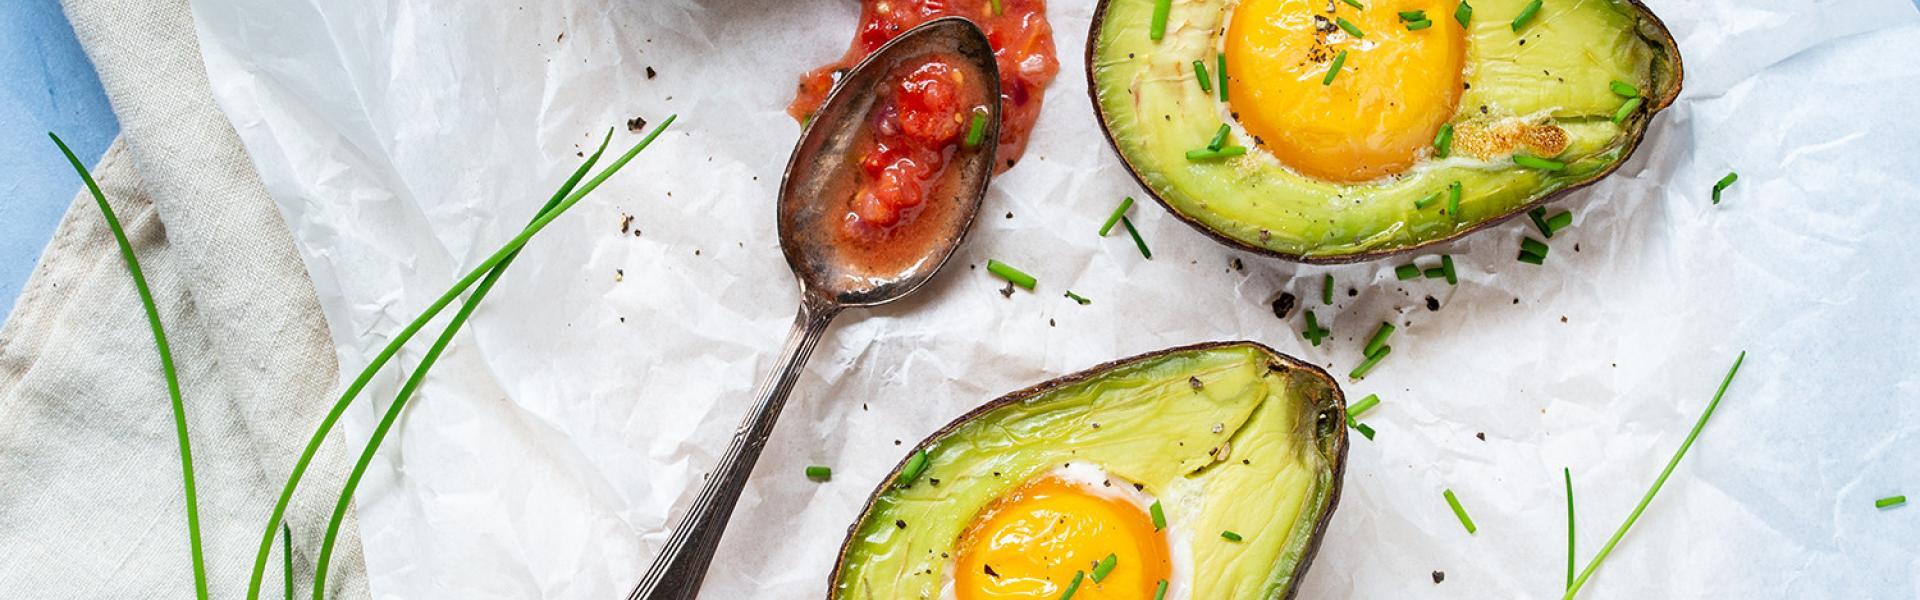 Mehrere Hälften gebackene Avocado mit Ei auf einem Stück Backpapier.